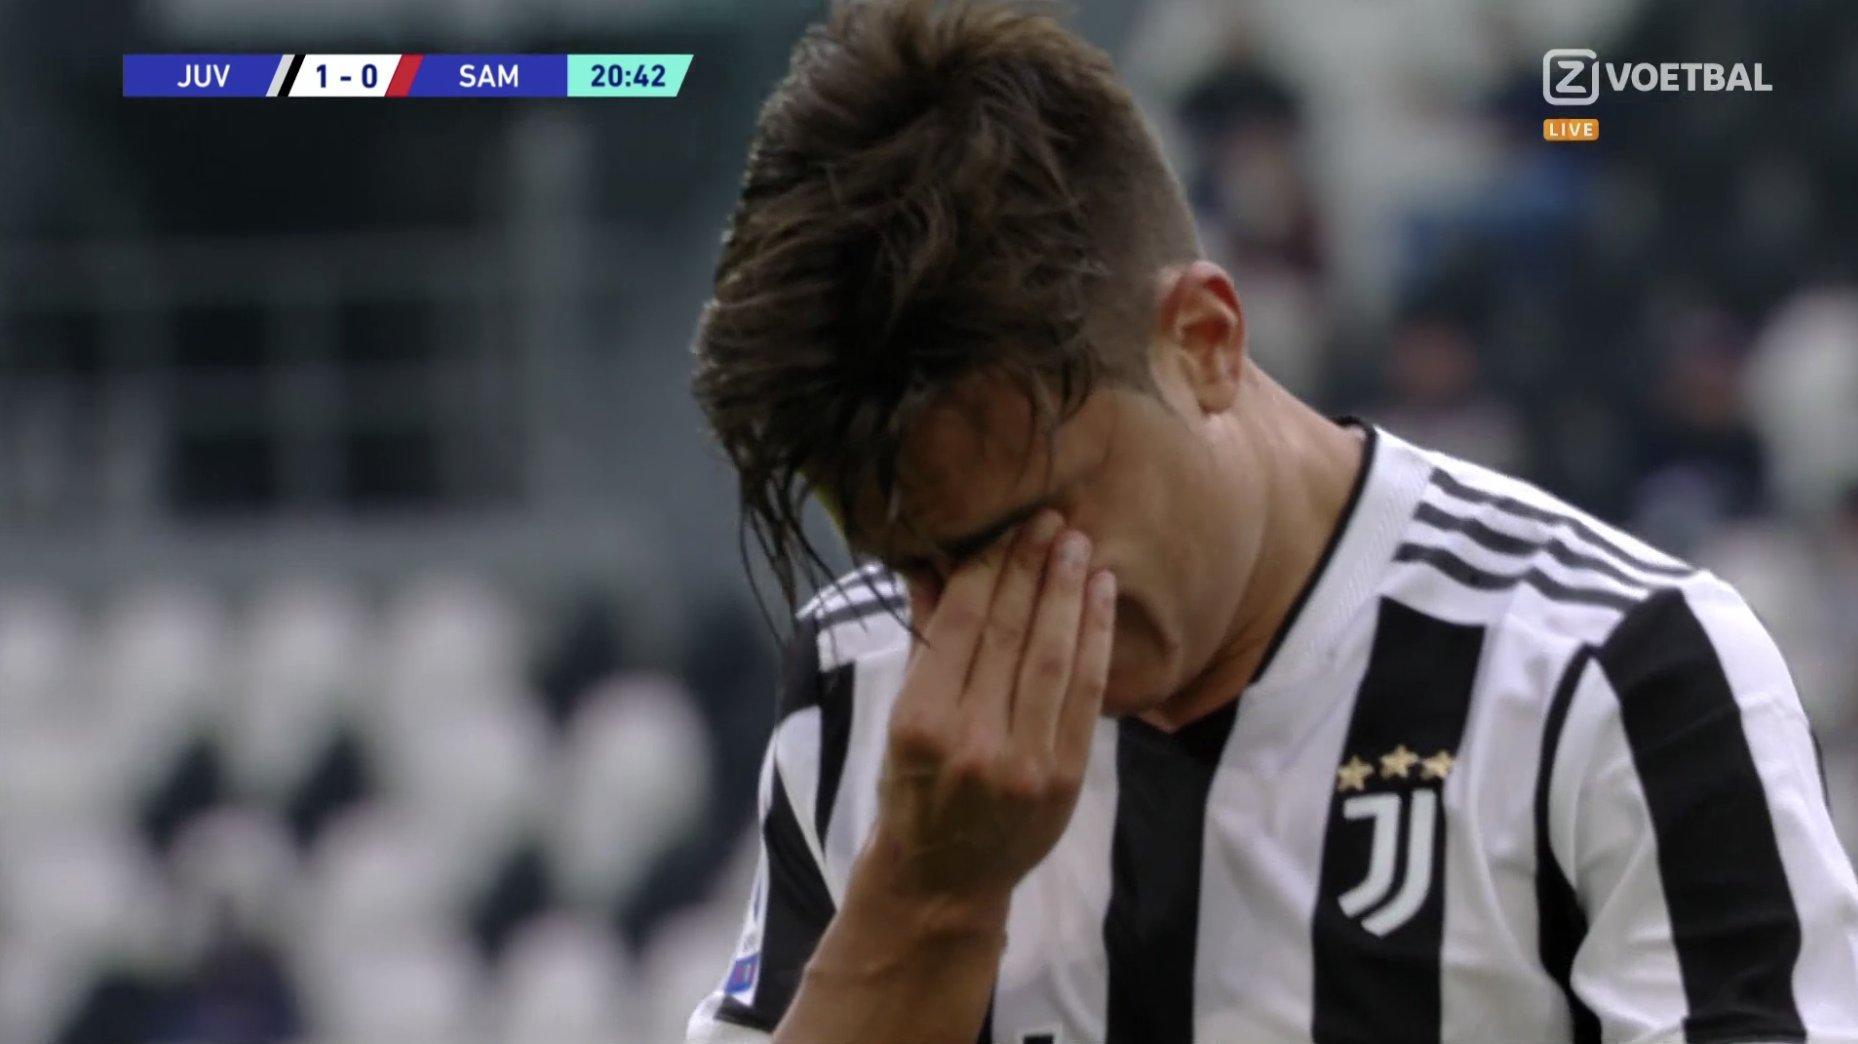 Dybala đau đớn lau nước mắt rời sân vì chấn thương - Ảnh 8.